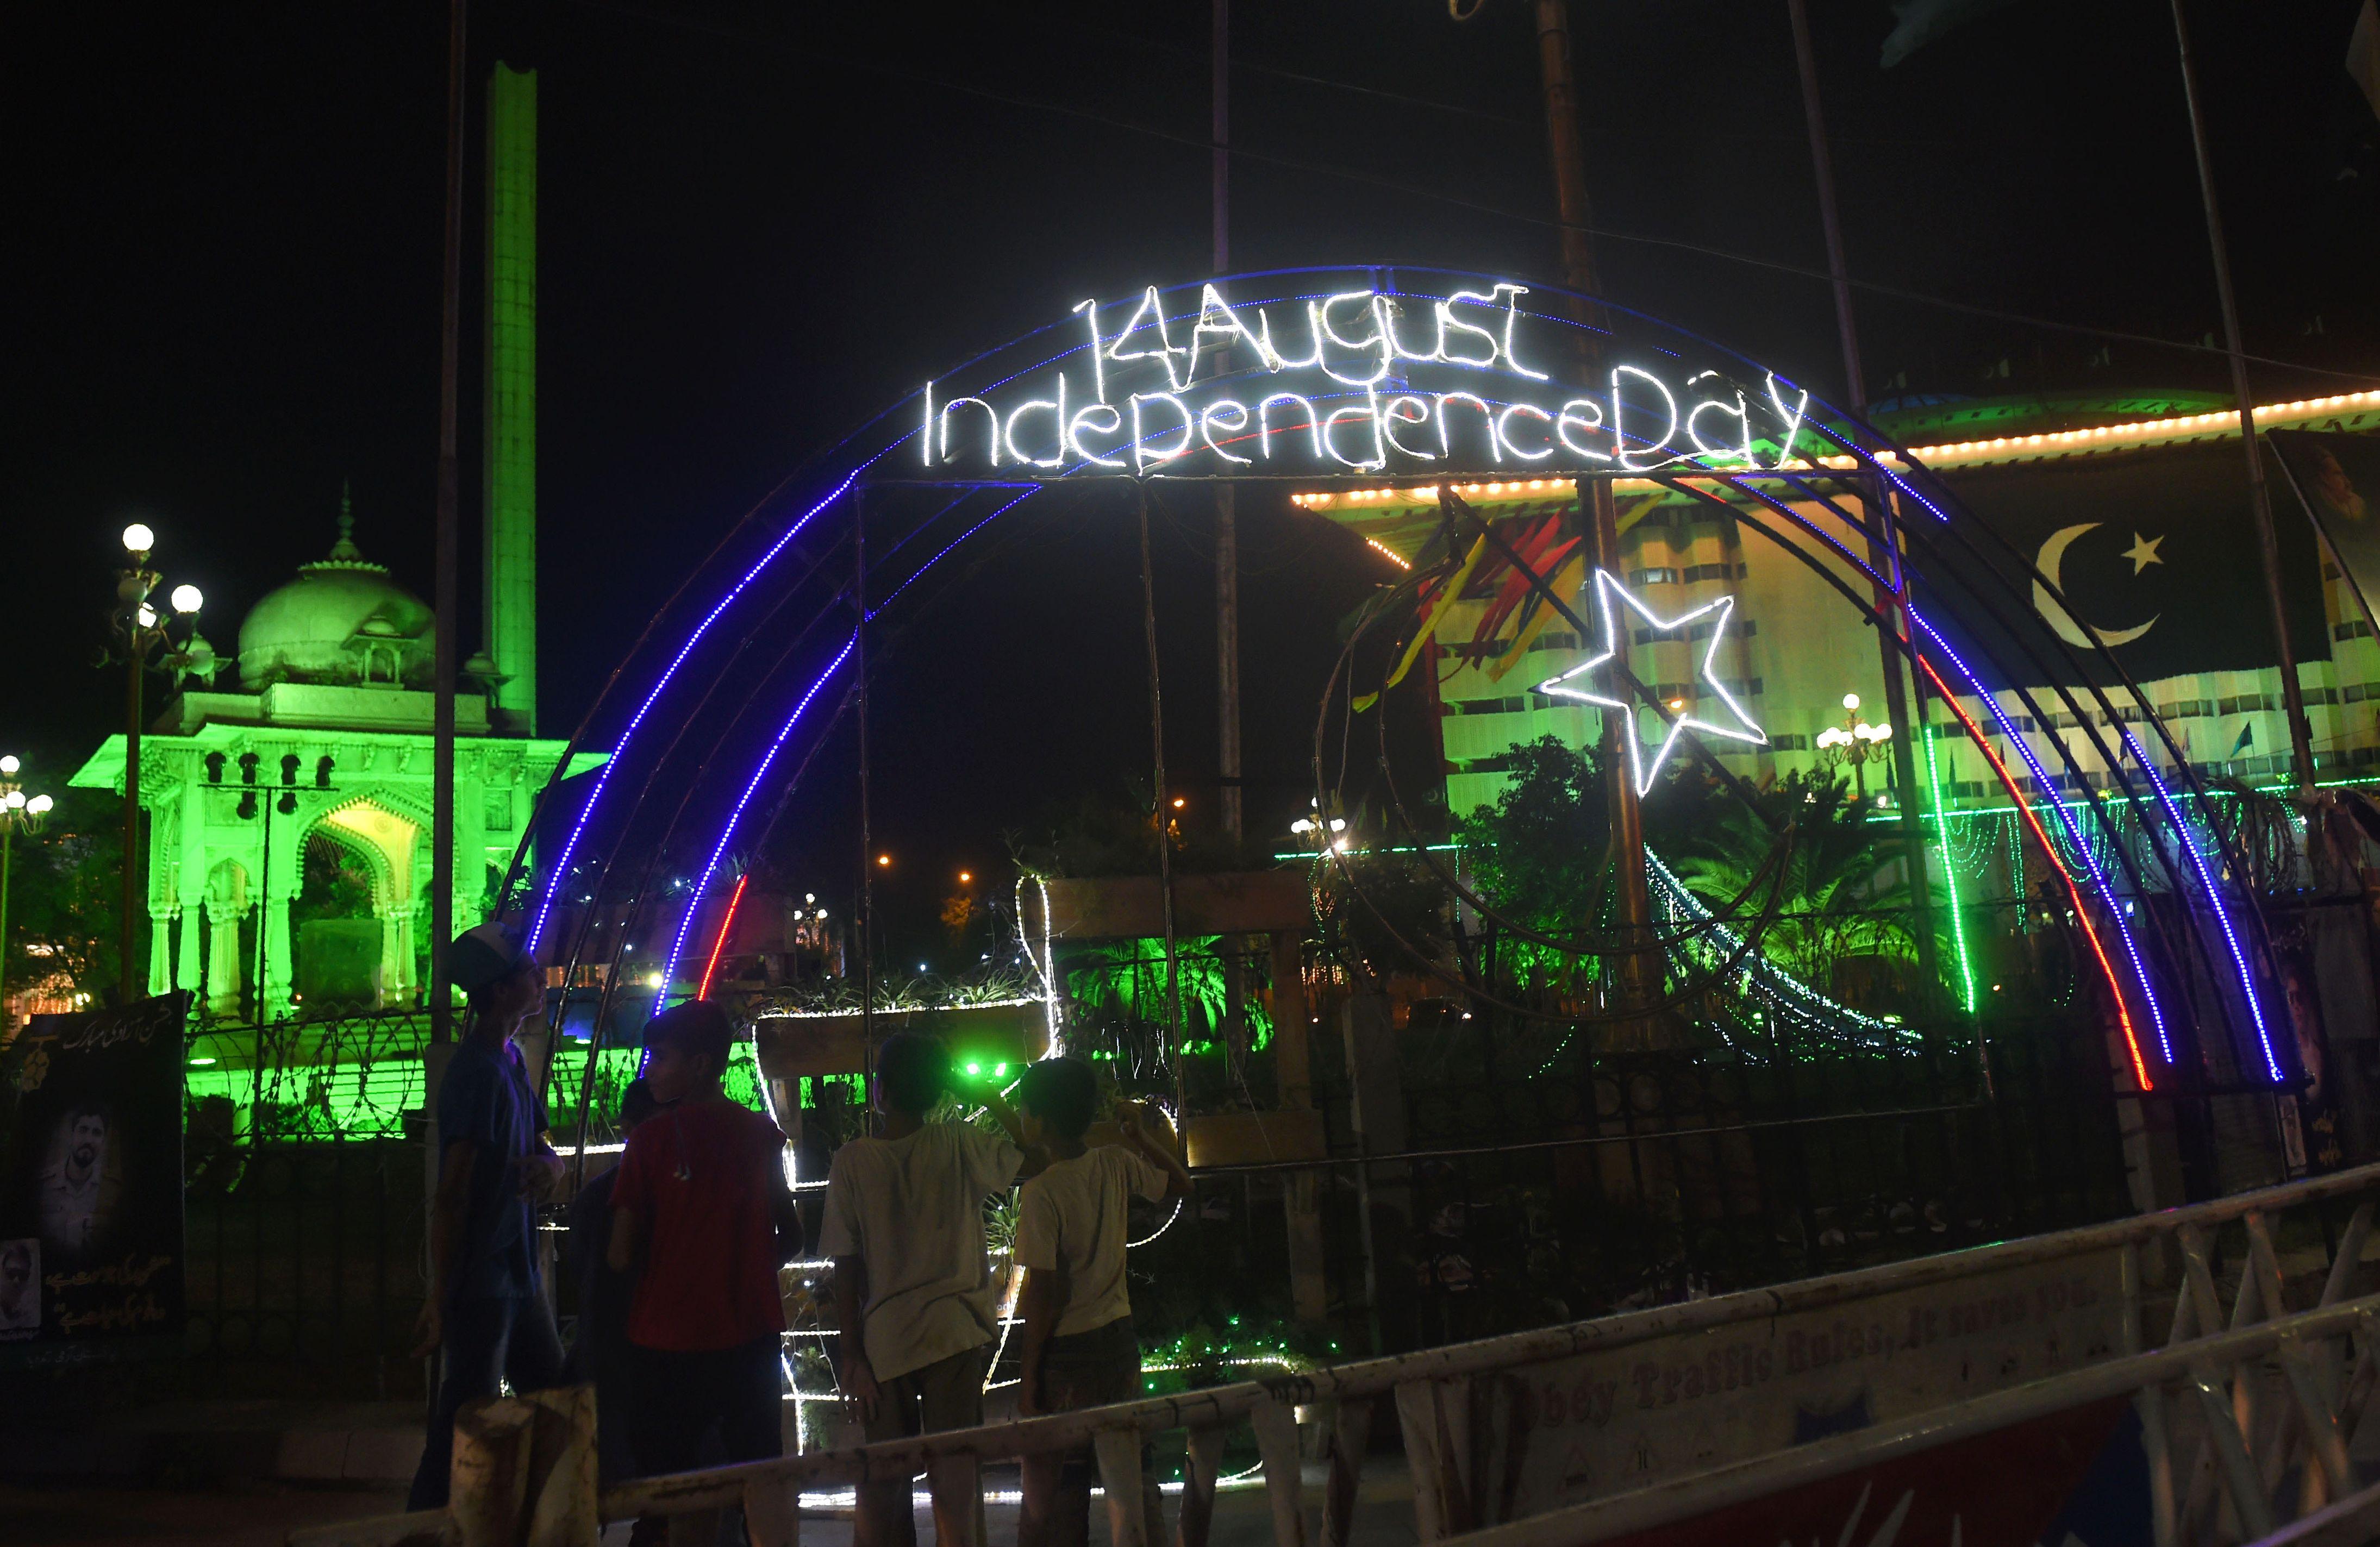 احتفال باكستان بيوم الاستقلال